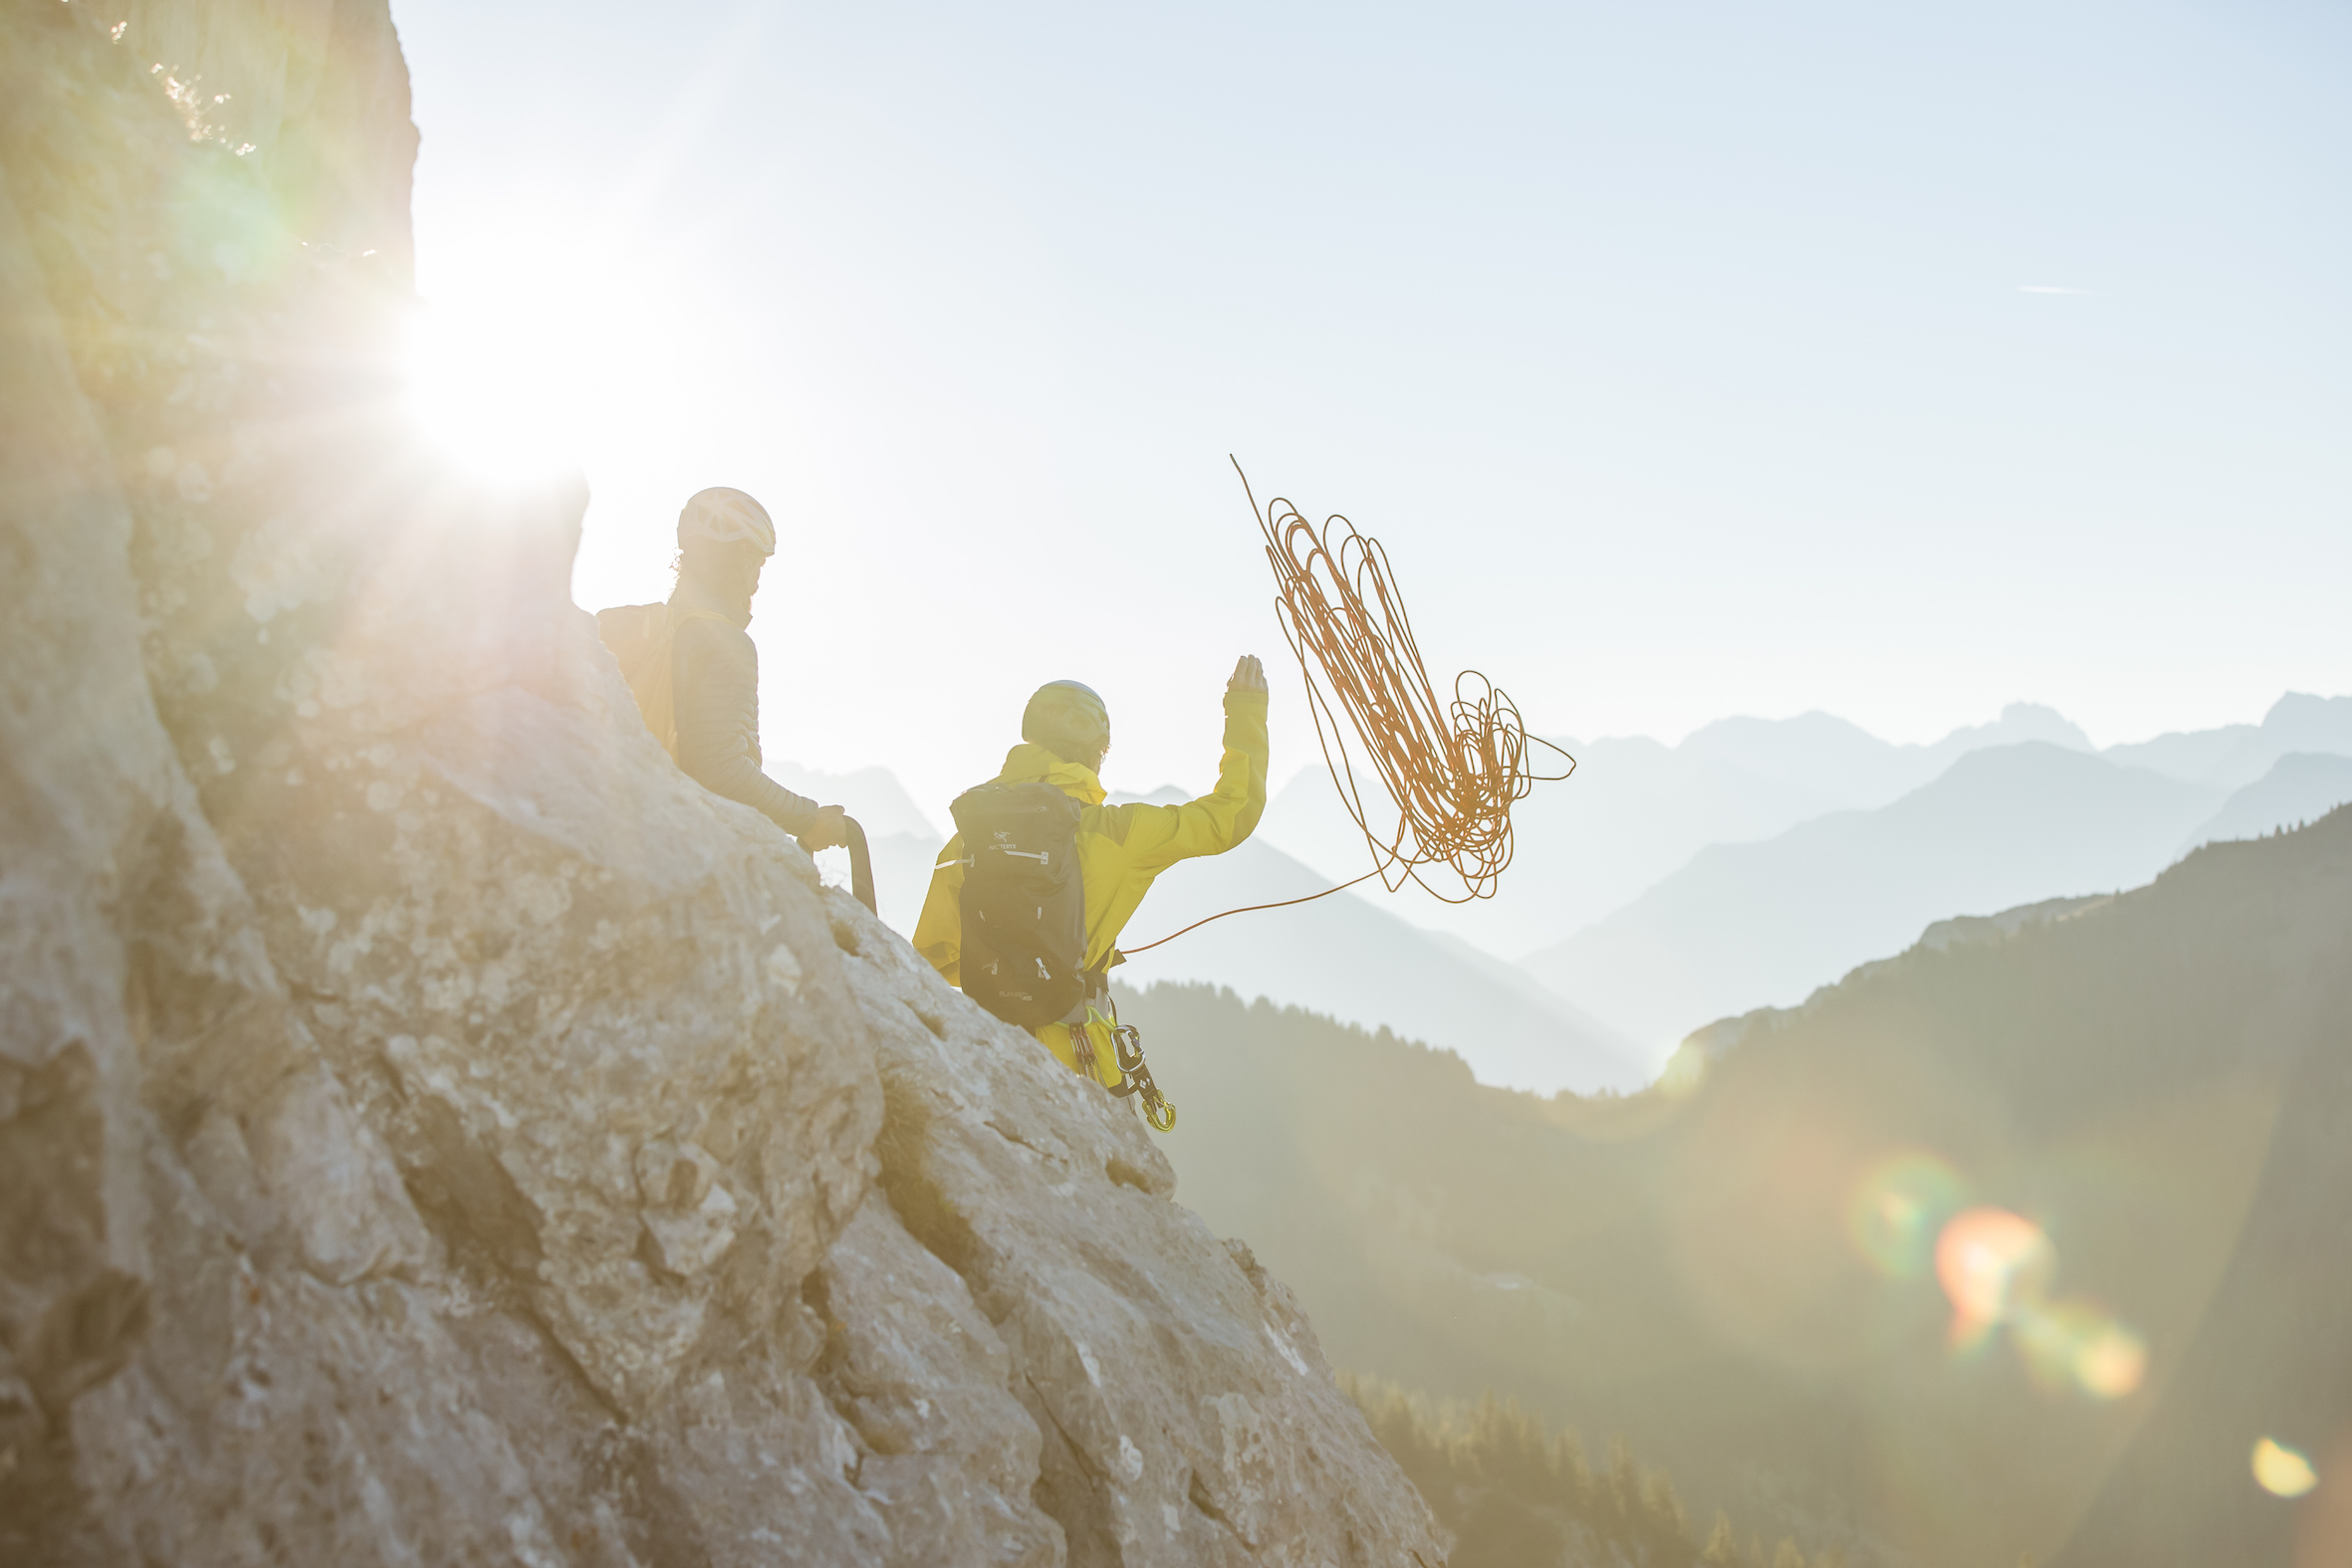 Egal ob beim Klettern im Sommer oder beim Freeriden im Winter, erleben sie unvergessliche Momente mit »Bergzeit Erlebnis« ©Bergzeit